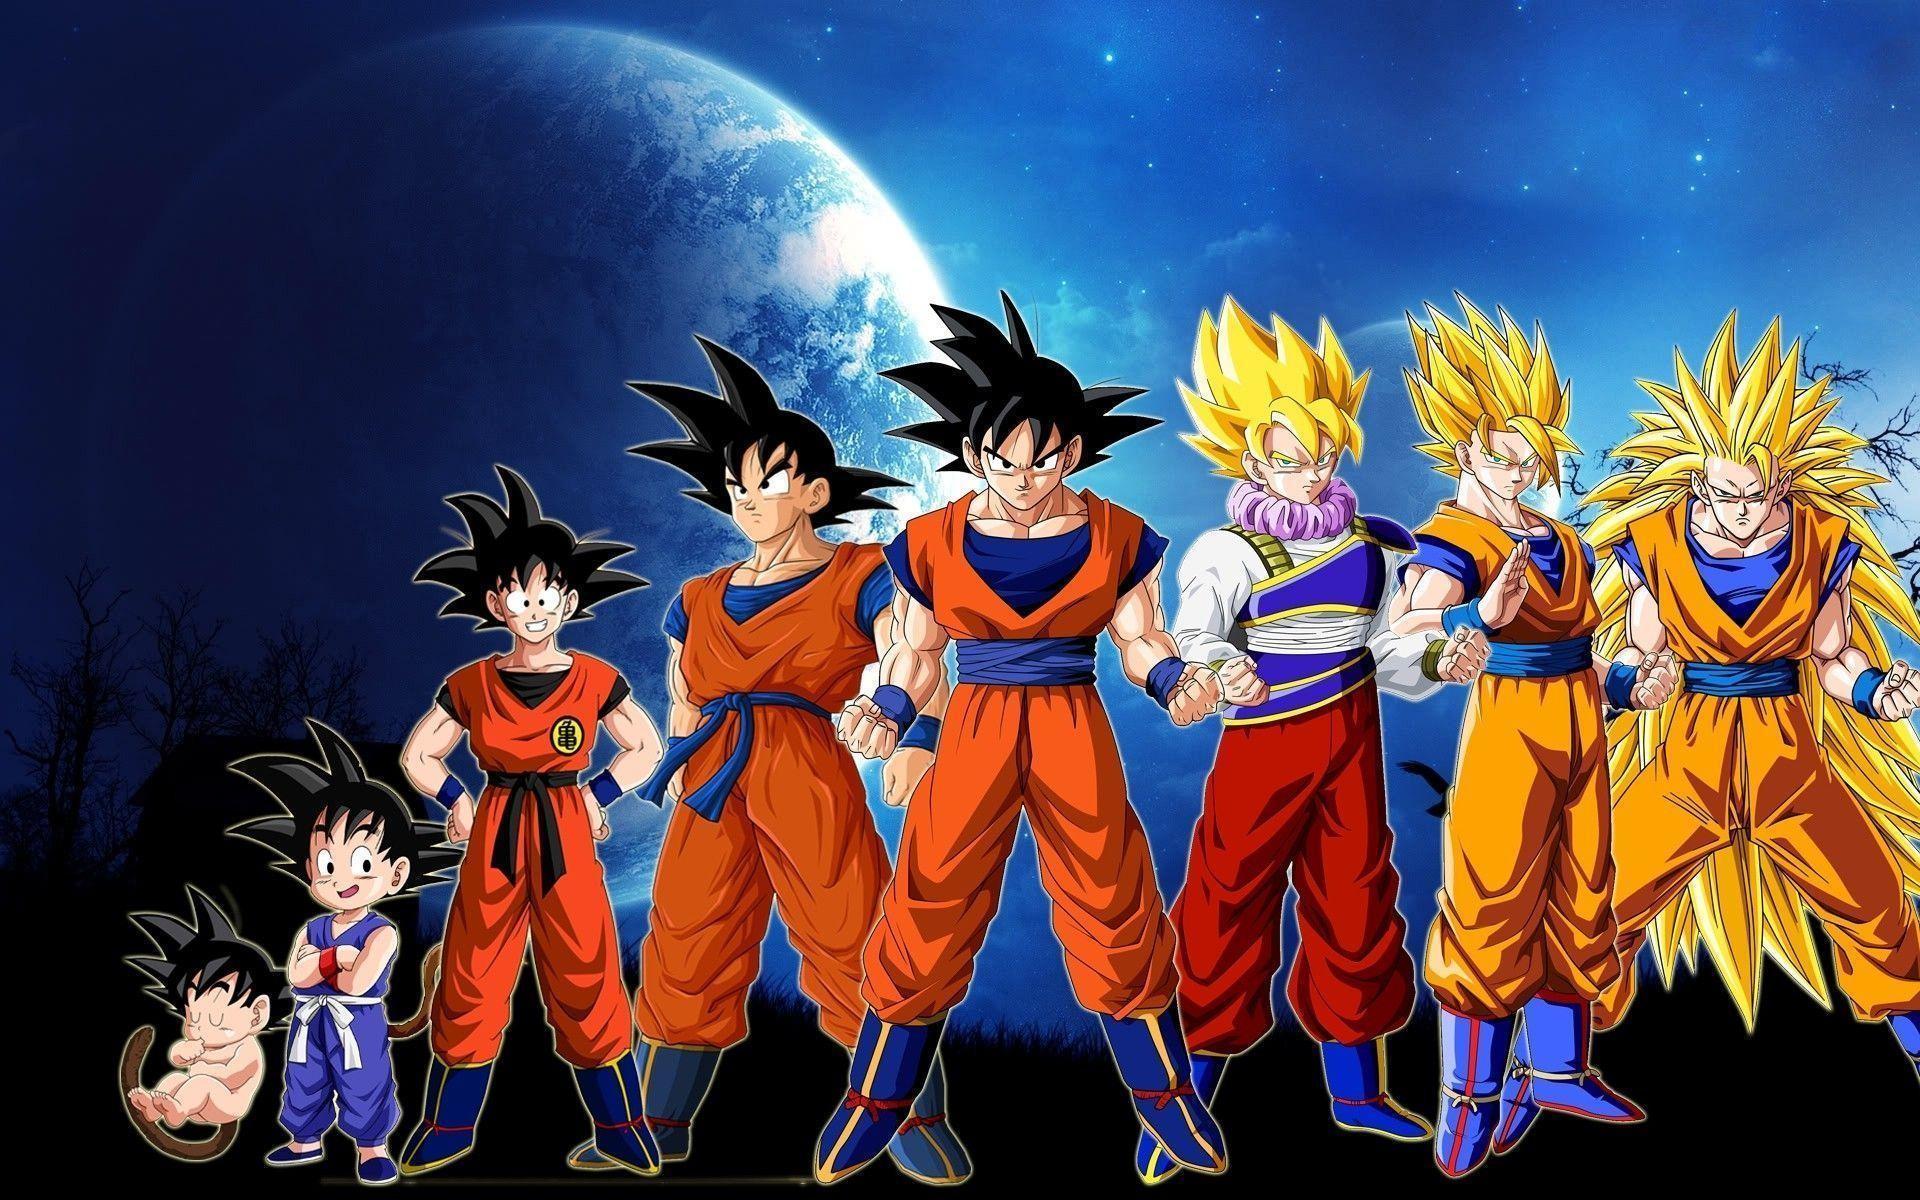 Dragon Ball Z Vegeta Super Saiyan God – wallpaper.